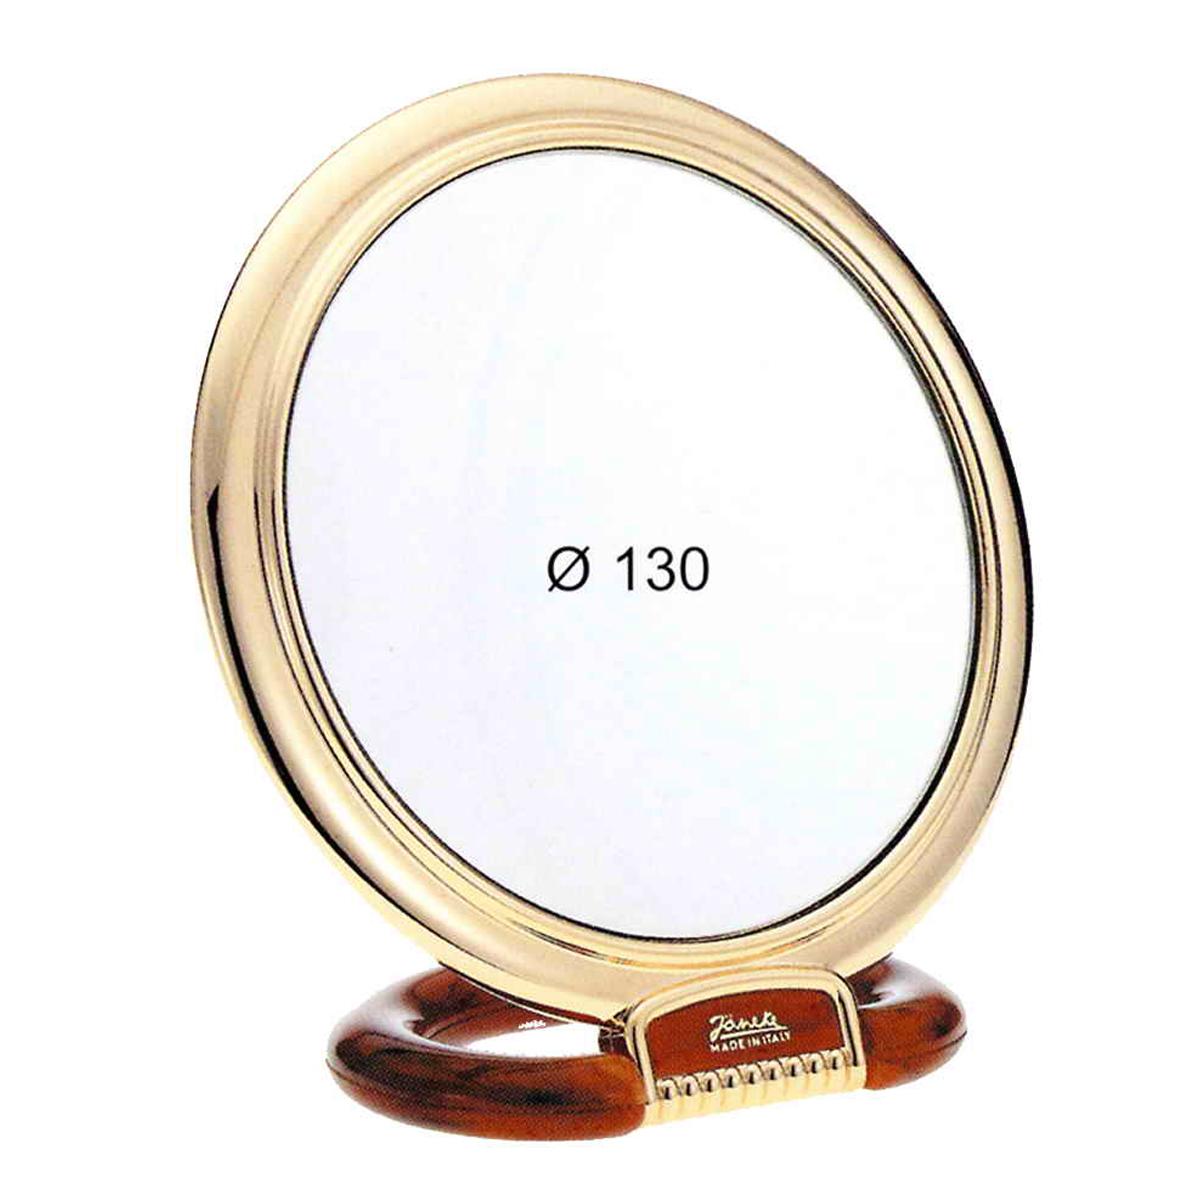 Janeke Зеркало настольное D130, линзы ZEISS, позолоченное, AU466.6 DBL709978Марка Janeke – мировой лидер по производству расчесок, щеток, маникюрных принадлежностей, зеркал и косметичек. Марка Janeke, основанная в 1830 году, вот уже почти 180 лет поддерживает непревзойденное качество своей продукции, сочетая новейшие технологии с традициями ста- рых миланских мастеров. Все изделия на 80% производятся вручную, а инновационные технологии и современные материалы делают продукцию марки поистине уникальной. Стильный и эргономичный дизайн, яркие цветовые решения – все это приносит истин- ное удовольствие от использования аксессуаров Janeke. Зеркала для дома итальянской марки Janeke, изготовленные из высококачественных материалов и выполненные в оригинальном стильном дизайне, дополнят любой интерьер. Односторонние или двусторонние, с увеличением и без, на красивых и удобных подс- тавках – зеркала Janeke прослужат долго и доставят истинное удо- вольствие от использования